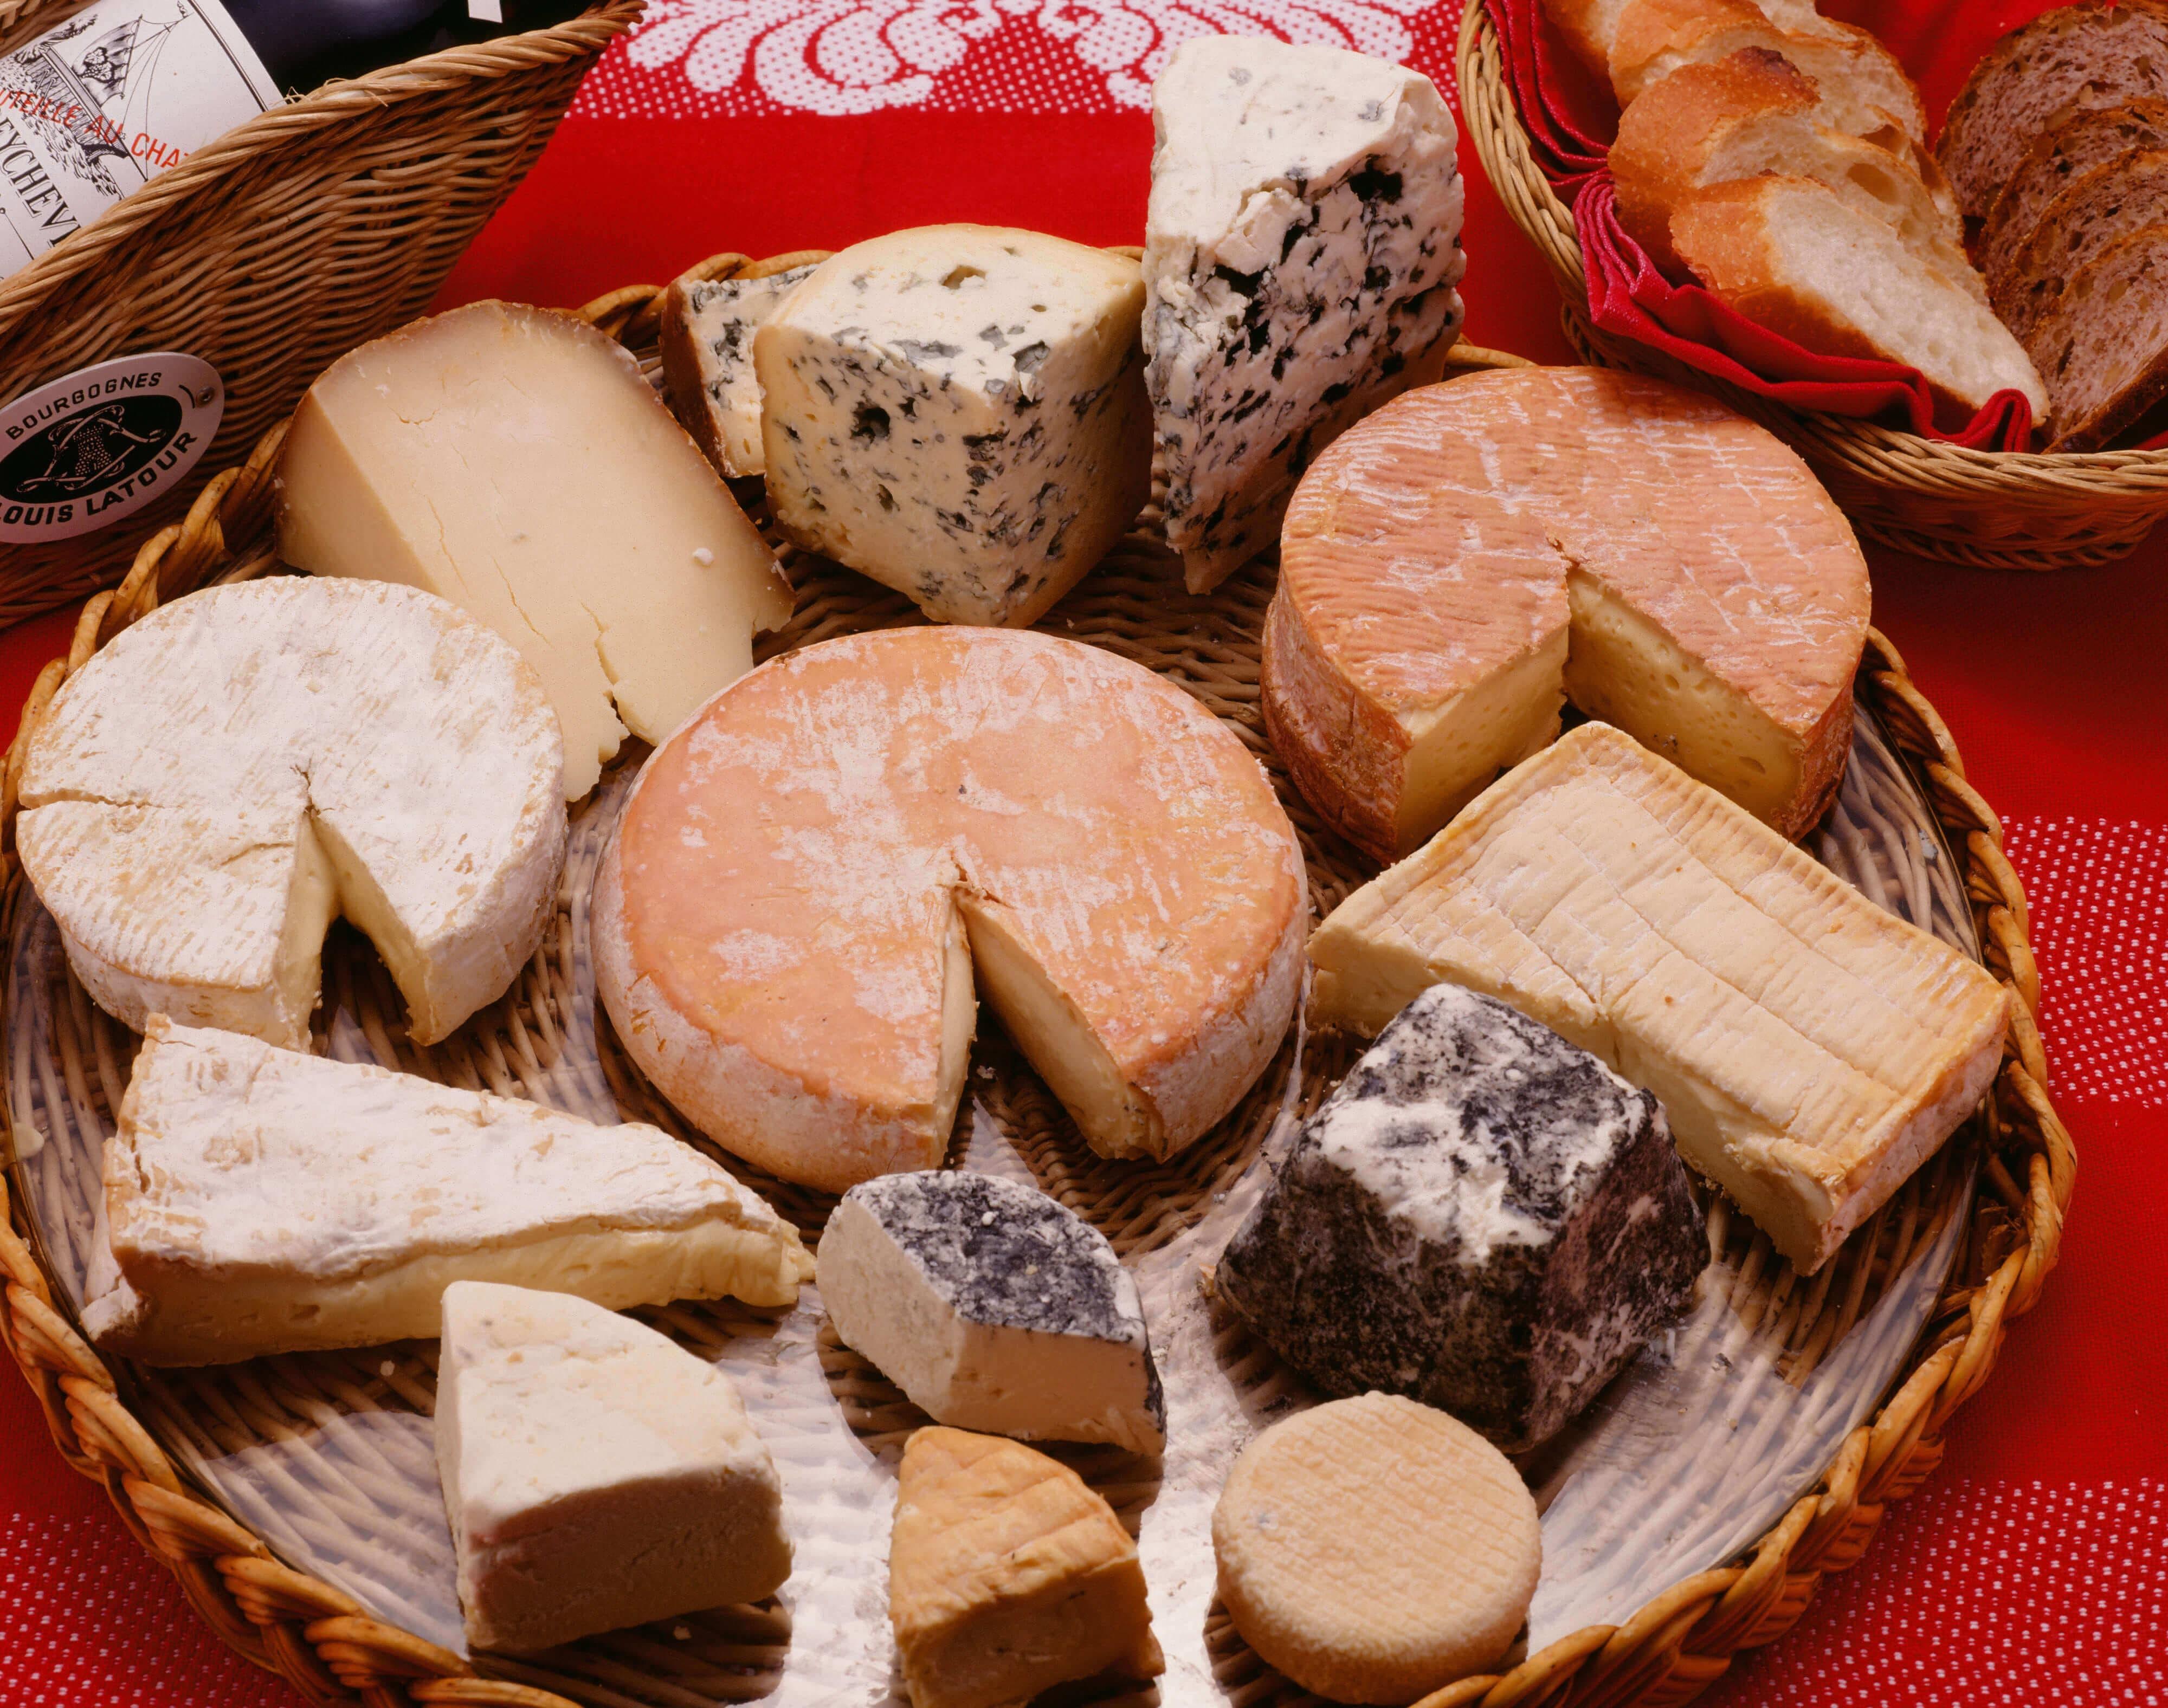 妊婦さんが食べられるチーズと食べられないチーズとは